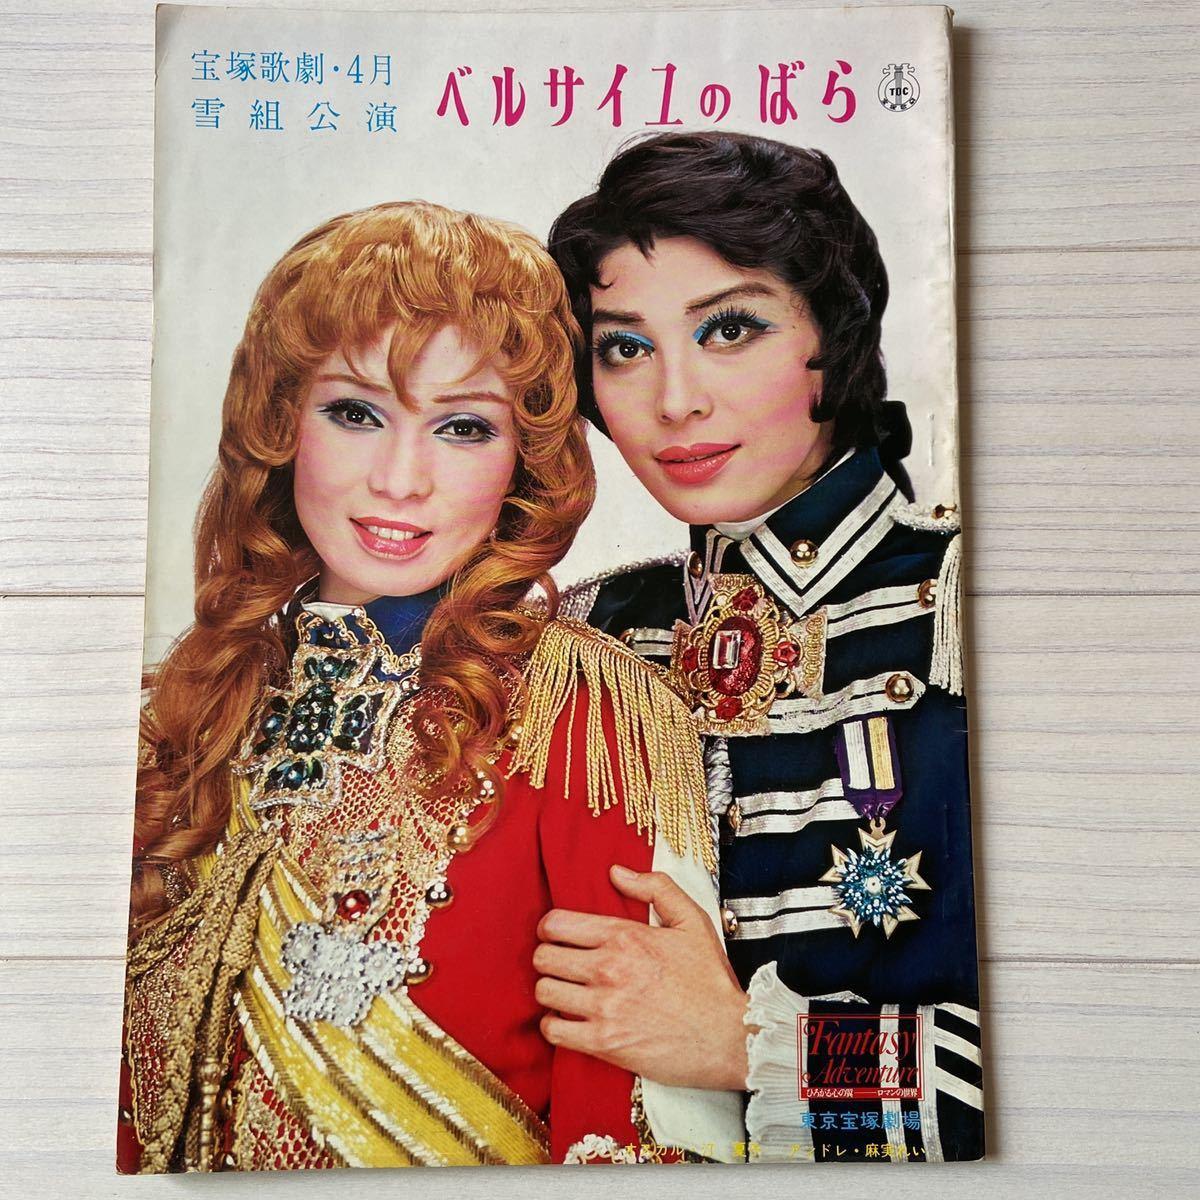 ベルサイユのばら アンドレとオスカル 宝塚歌劇雪組公演 昭和51年4月公演 汀夏子 麻実れい プログラム